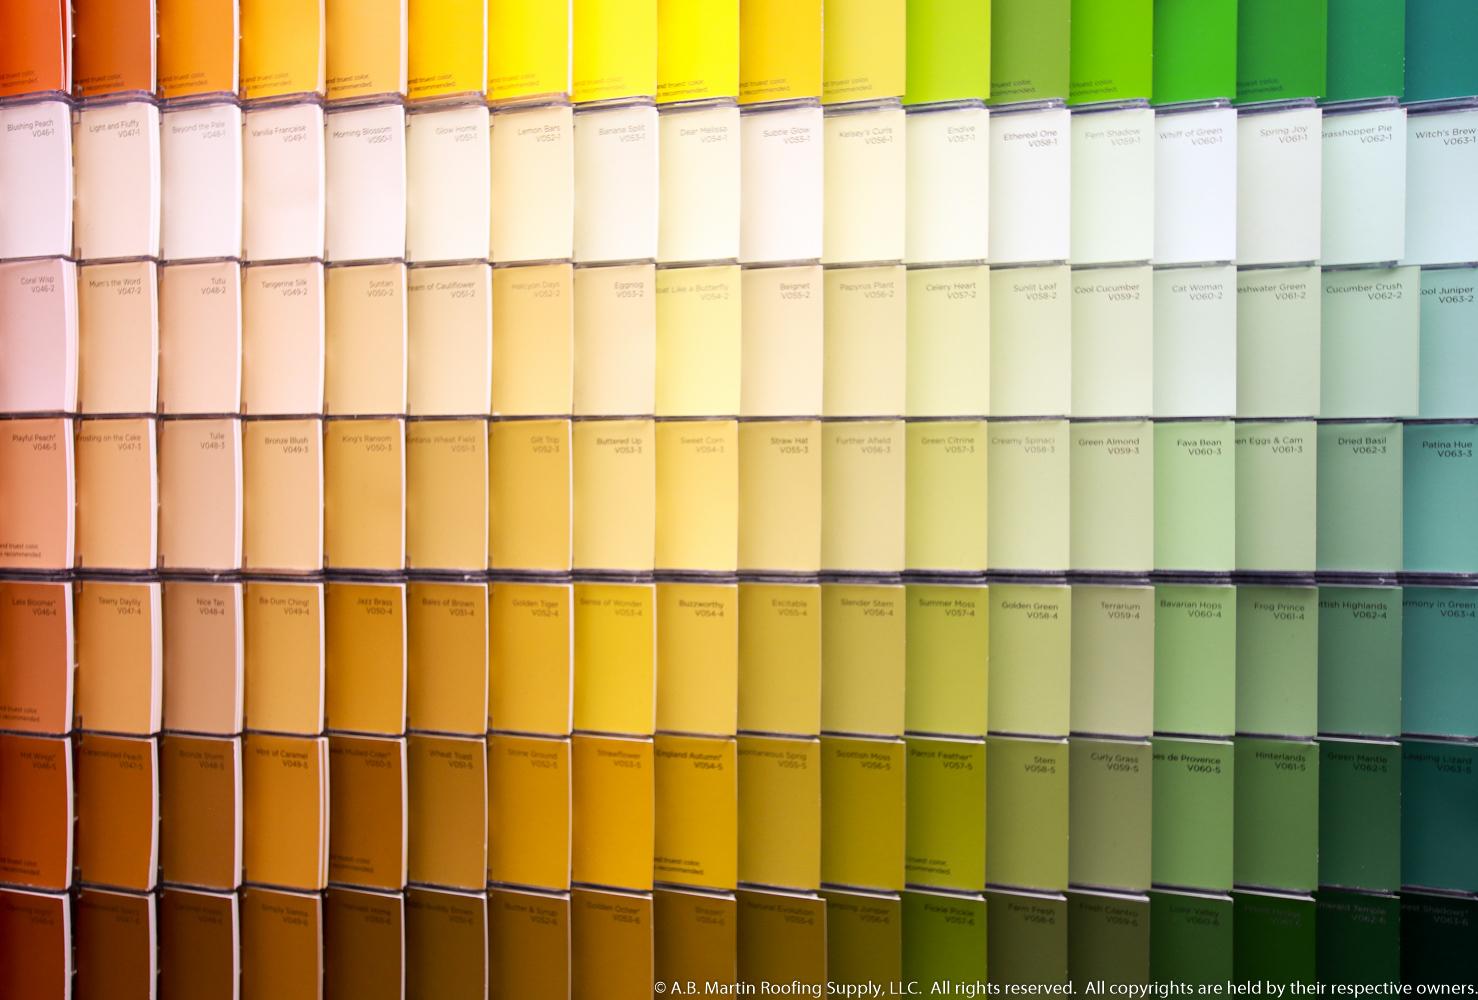 July valspar paint rebate a b martin roofing supply for Valspar color visualizer